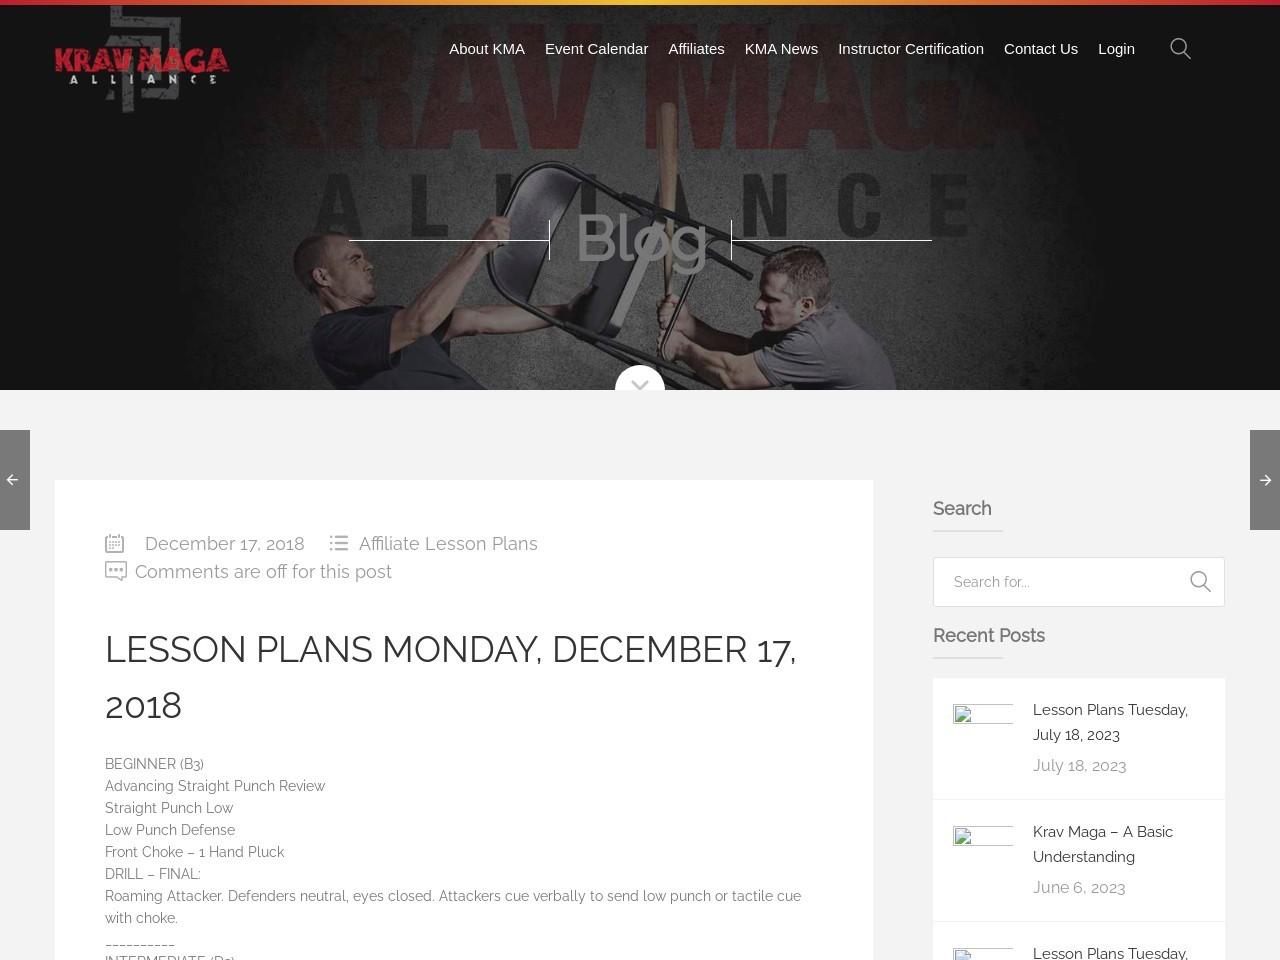 Lesson Plans Monday, December 17, 2018